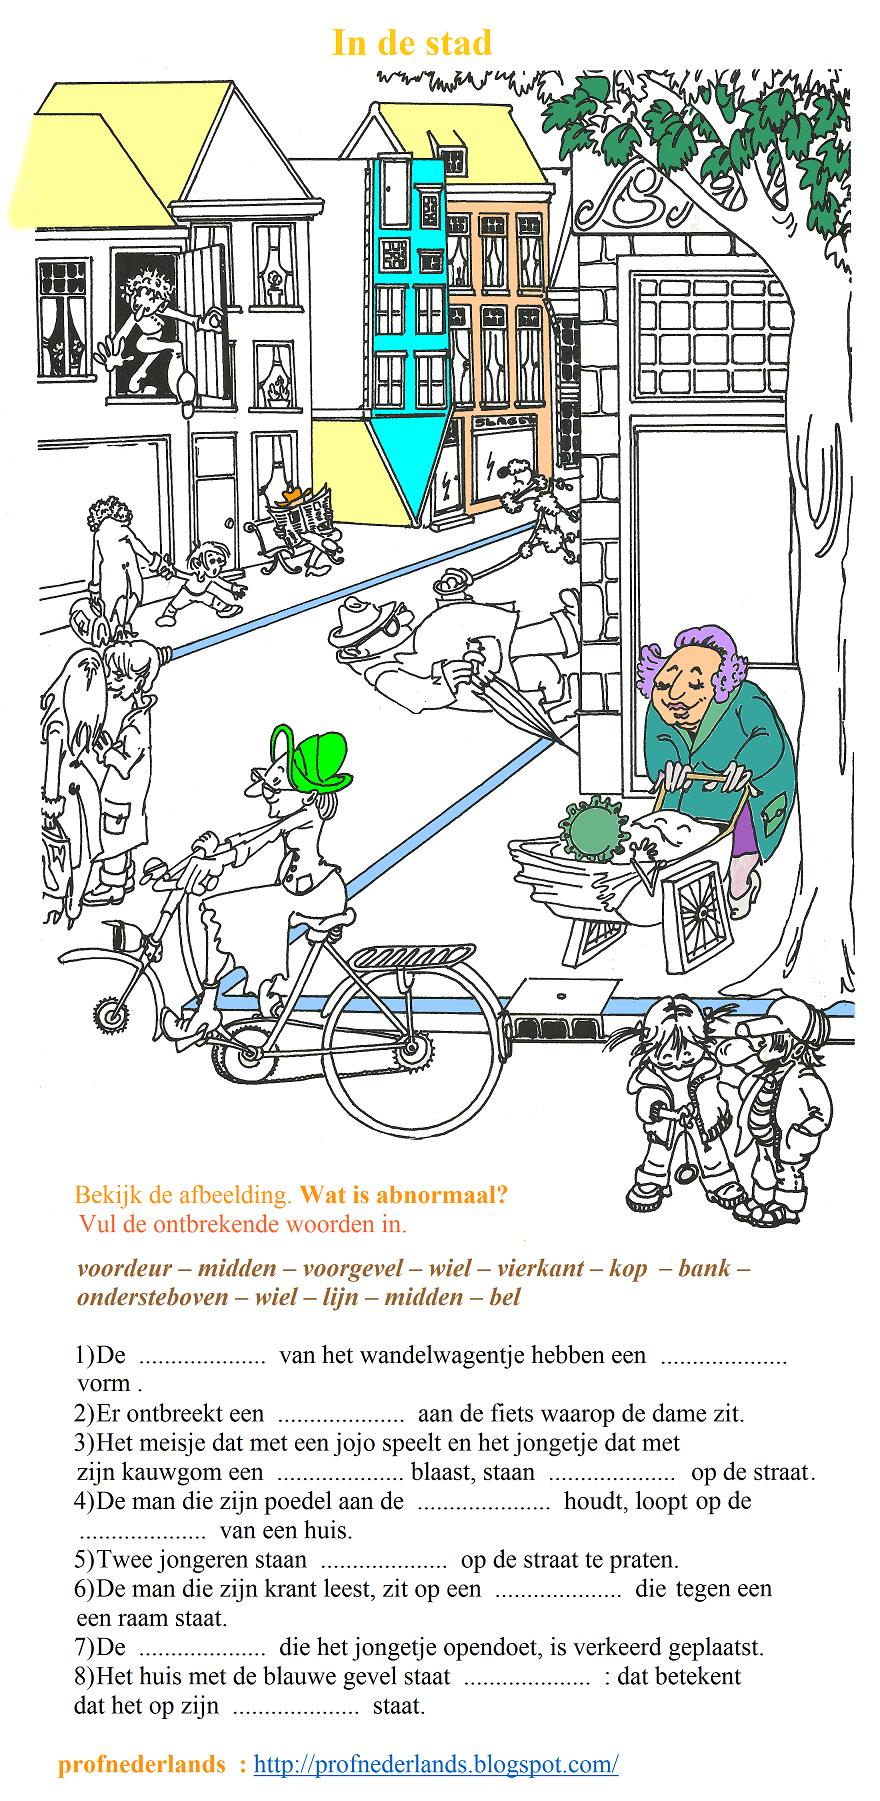 In de stad. Wat is abnormaal? Vul de zinnen in. + OPLOSSINGEN : http://profnederlands.blogspot.com/2016/12/woordenschatoefening-exercice-de.html